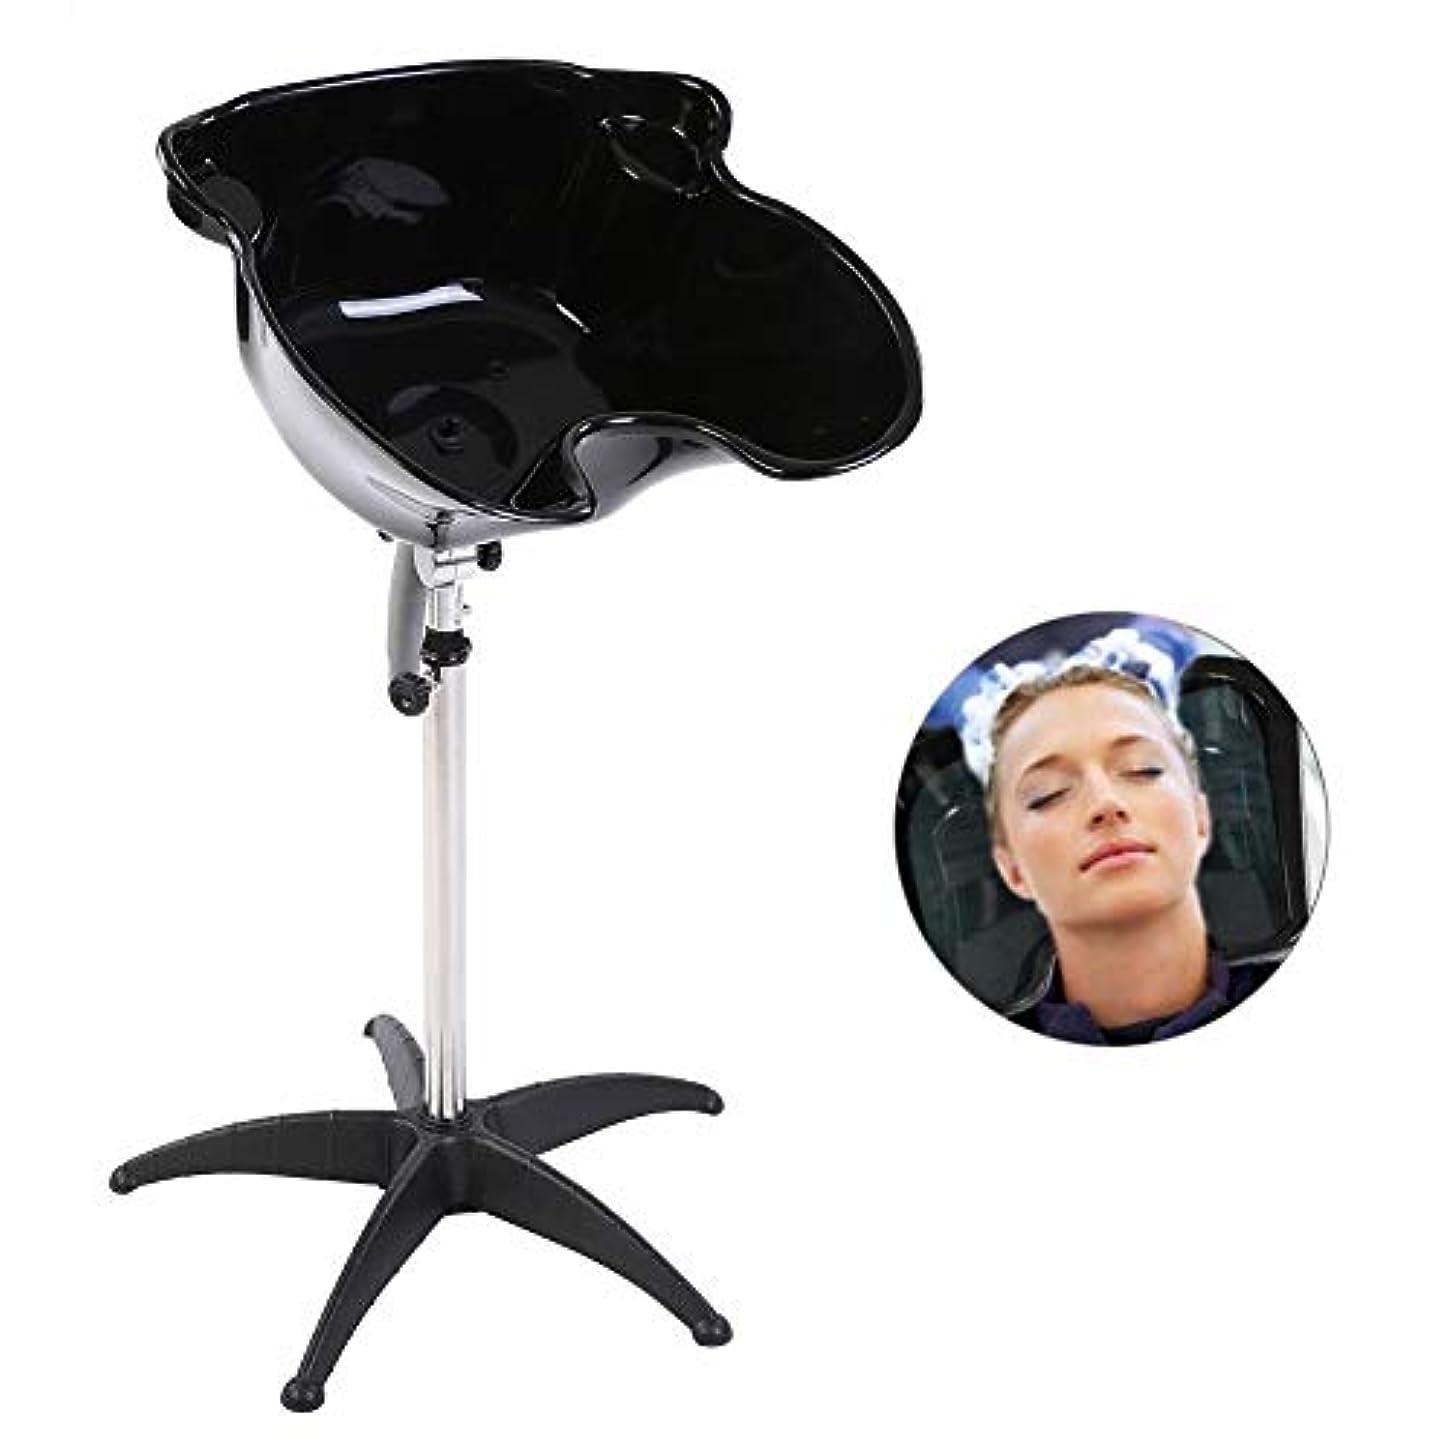 芸術ロック解除偽装するZJchao サロンのヘアシャンプー流域、(ドレインボウルなし)高さ調節理髪逆洗シンク